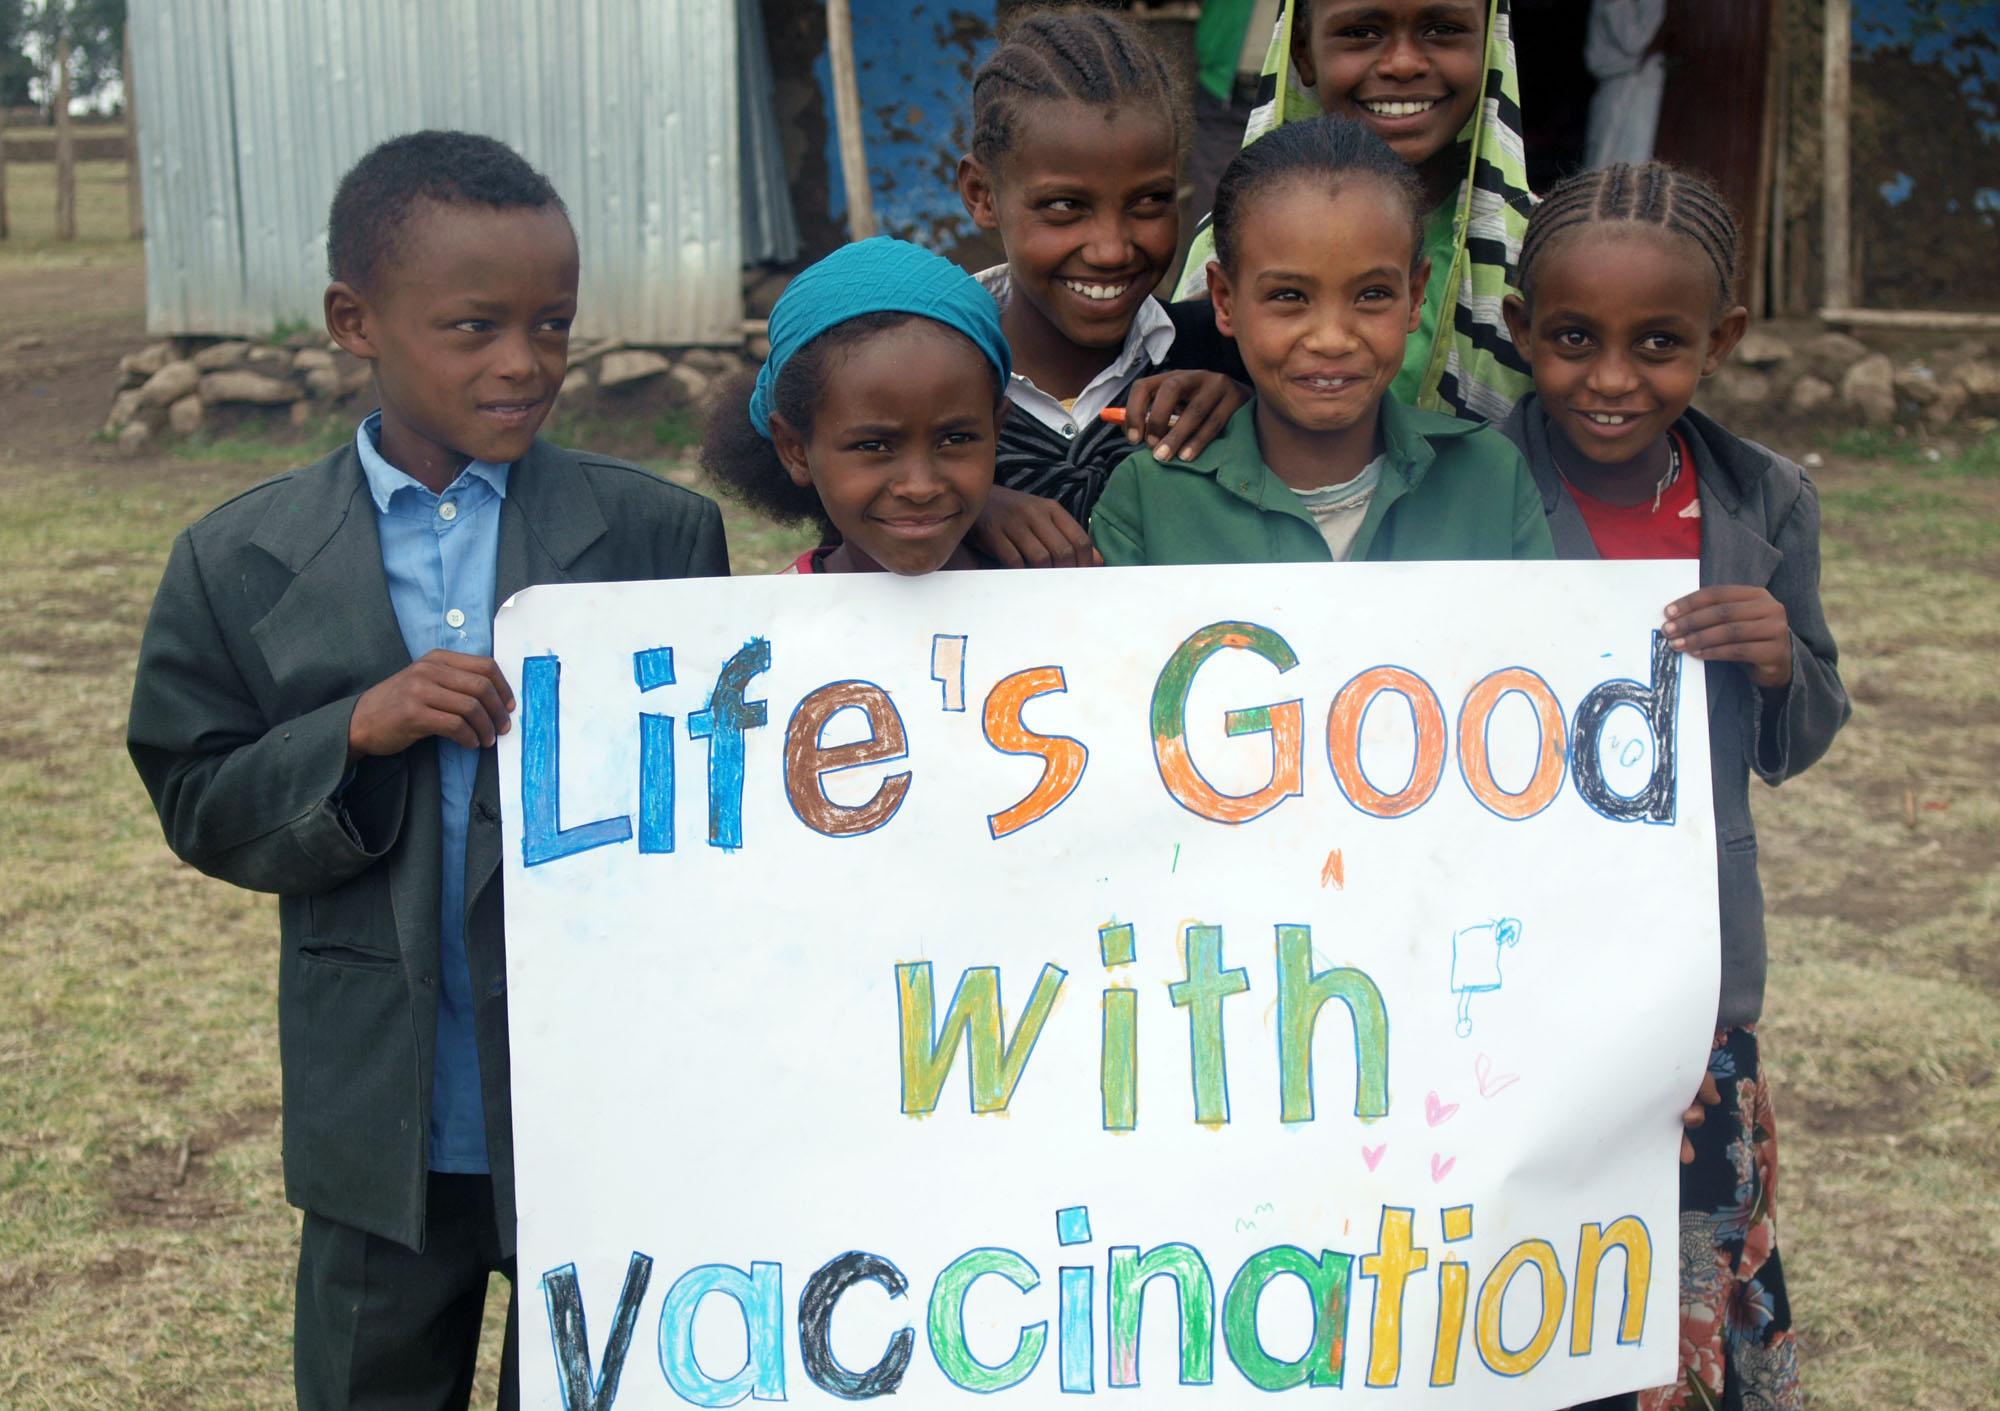 ایمن سازی کودکان یک مسئلهی حقوق بشری!/ ساموئل بختیاری و فریبا رئیسی